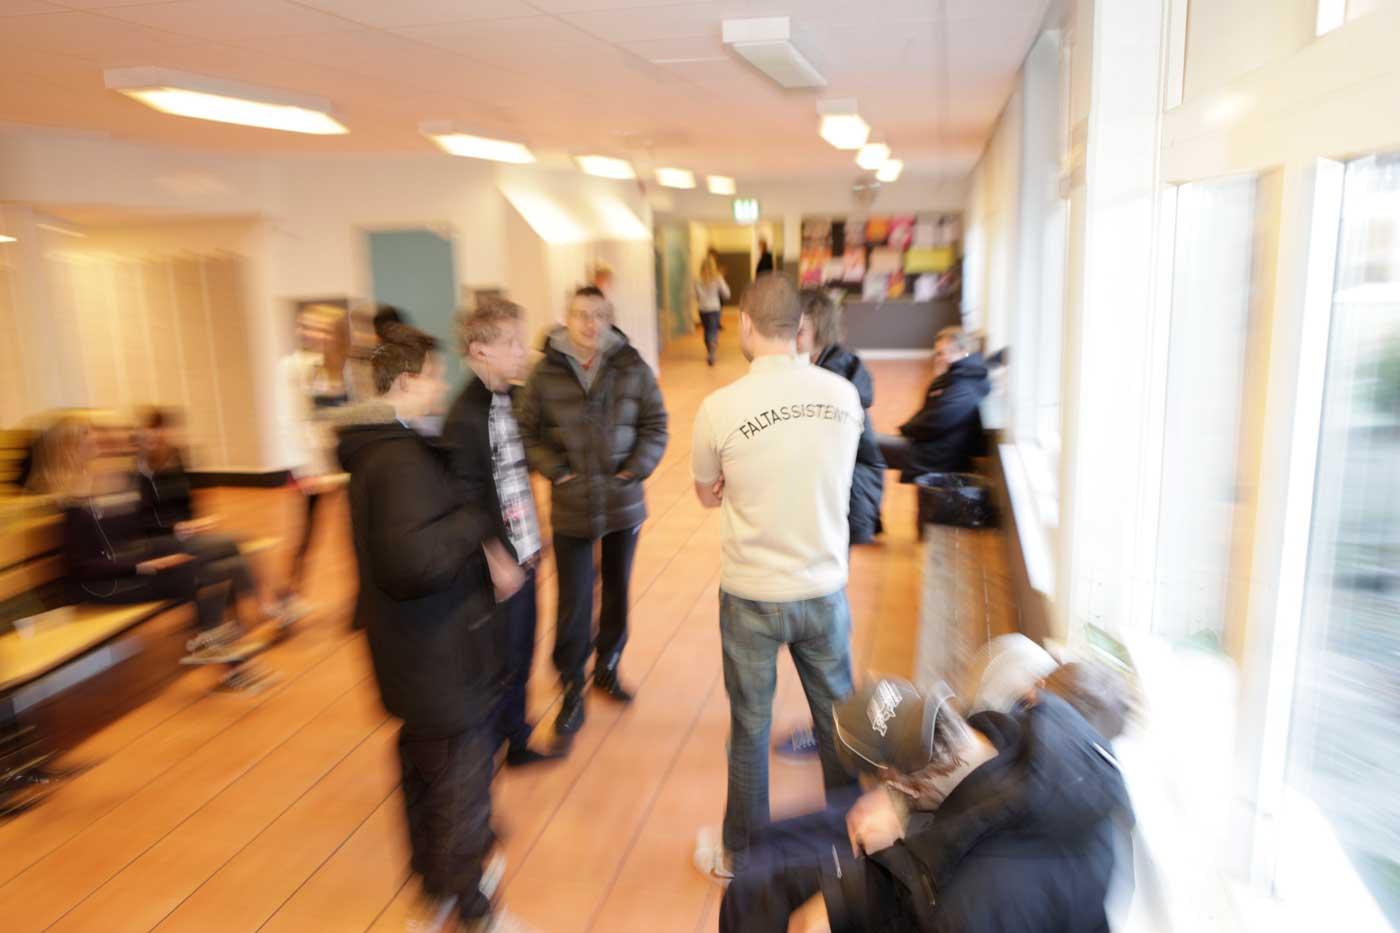 Ung på skola i Staffanstorp Foto och licens:Ulrika Vendelbo